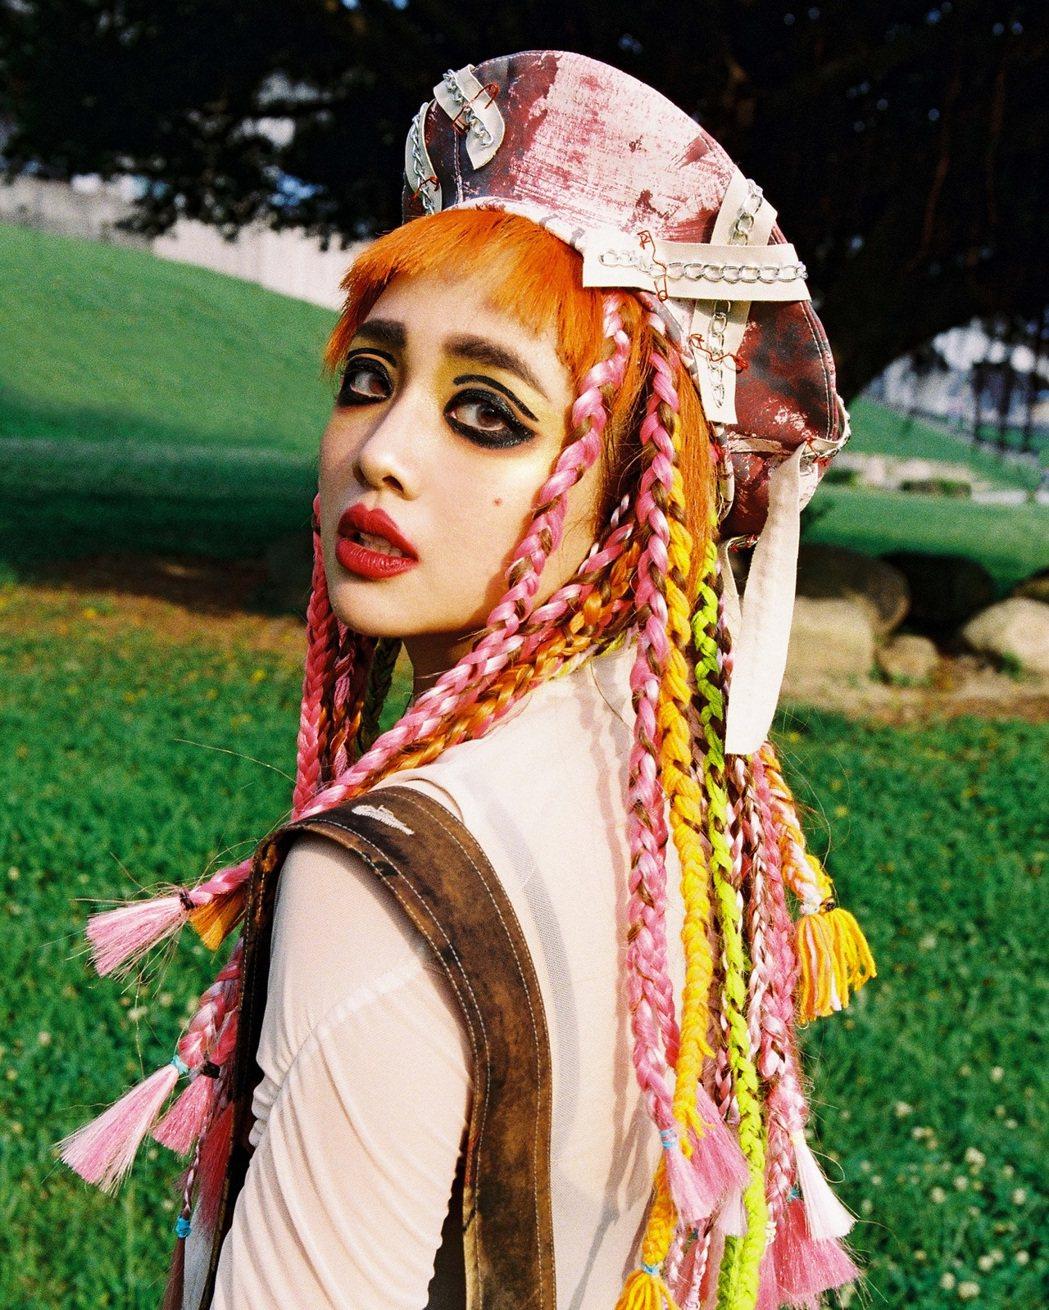 吳映潔頂著煙燻眼妝、螢光粉色系髮辮,被虧像是「安娜貝爾」。圖/avex taiw...